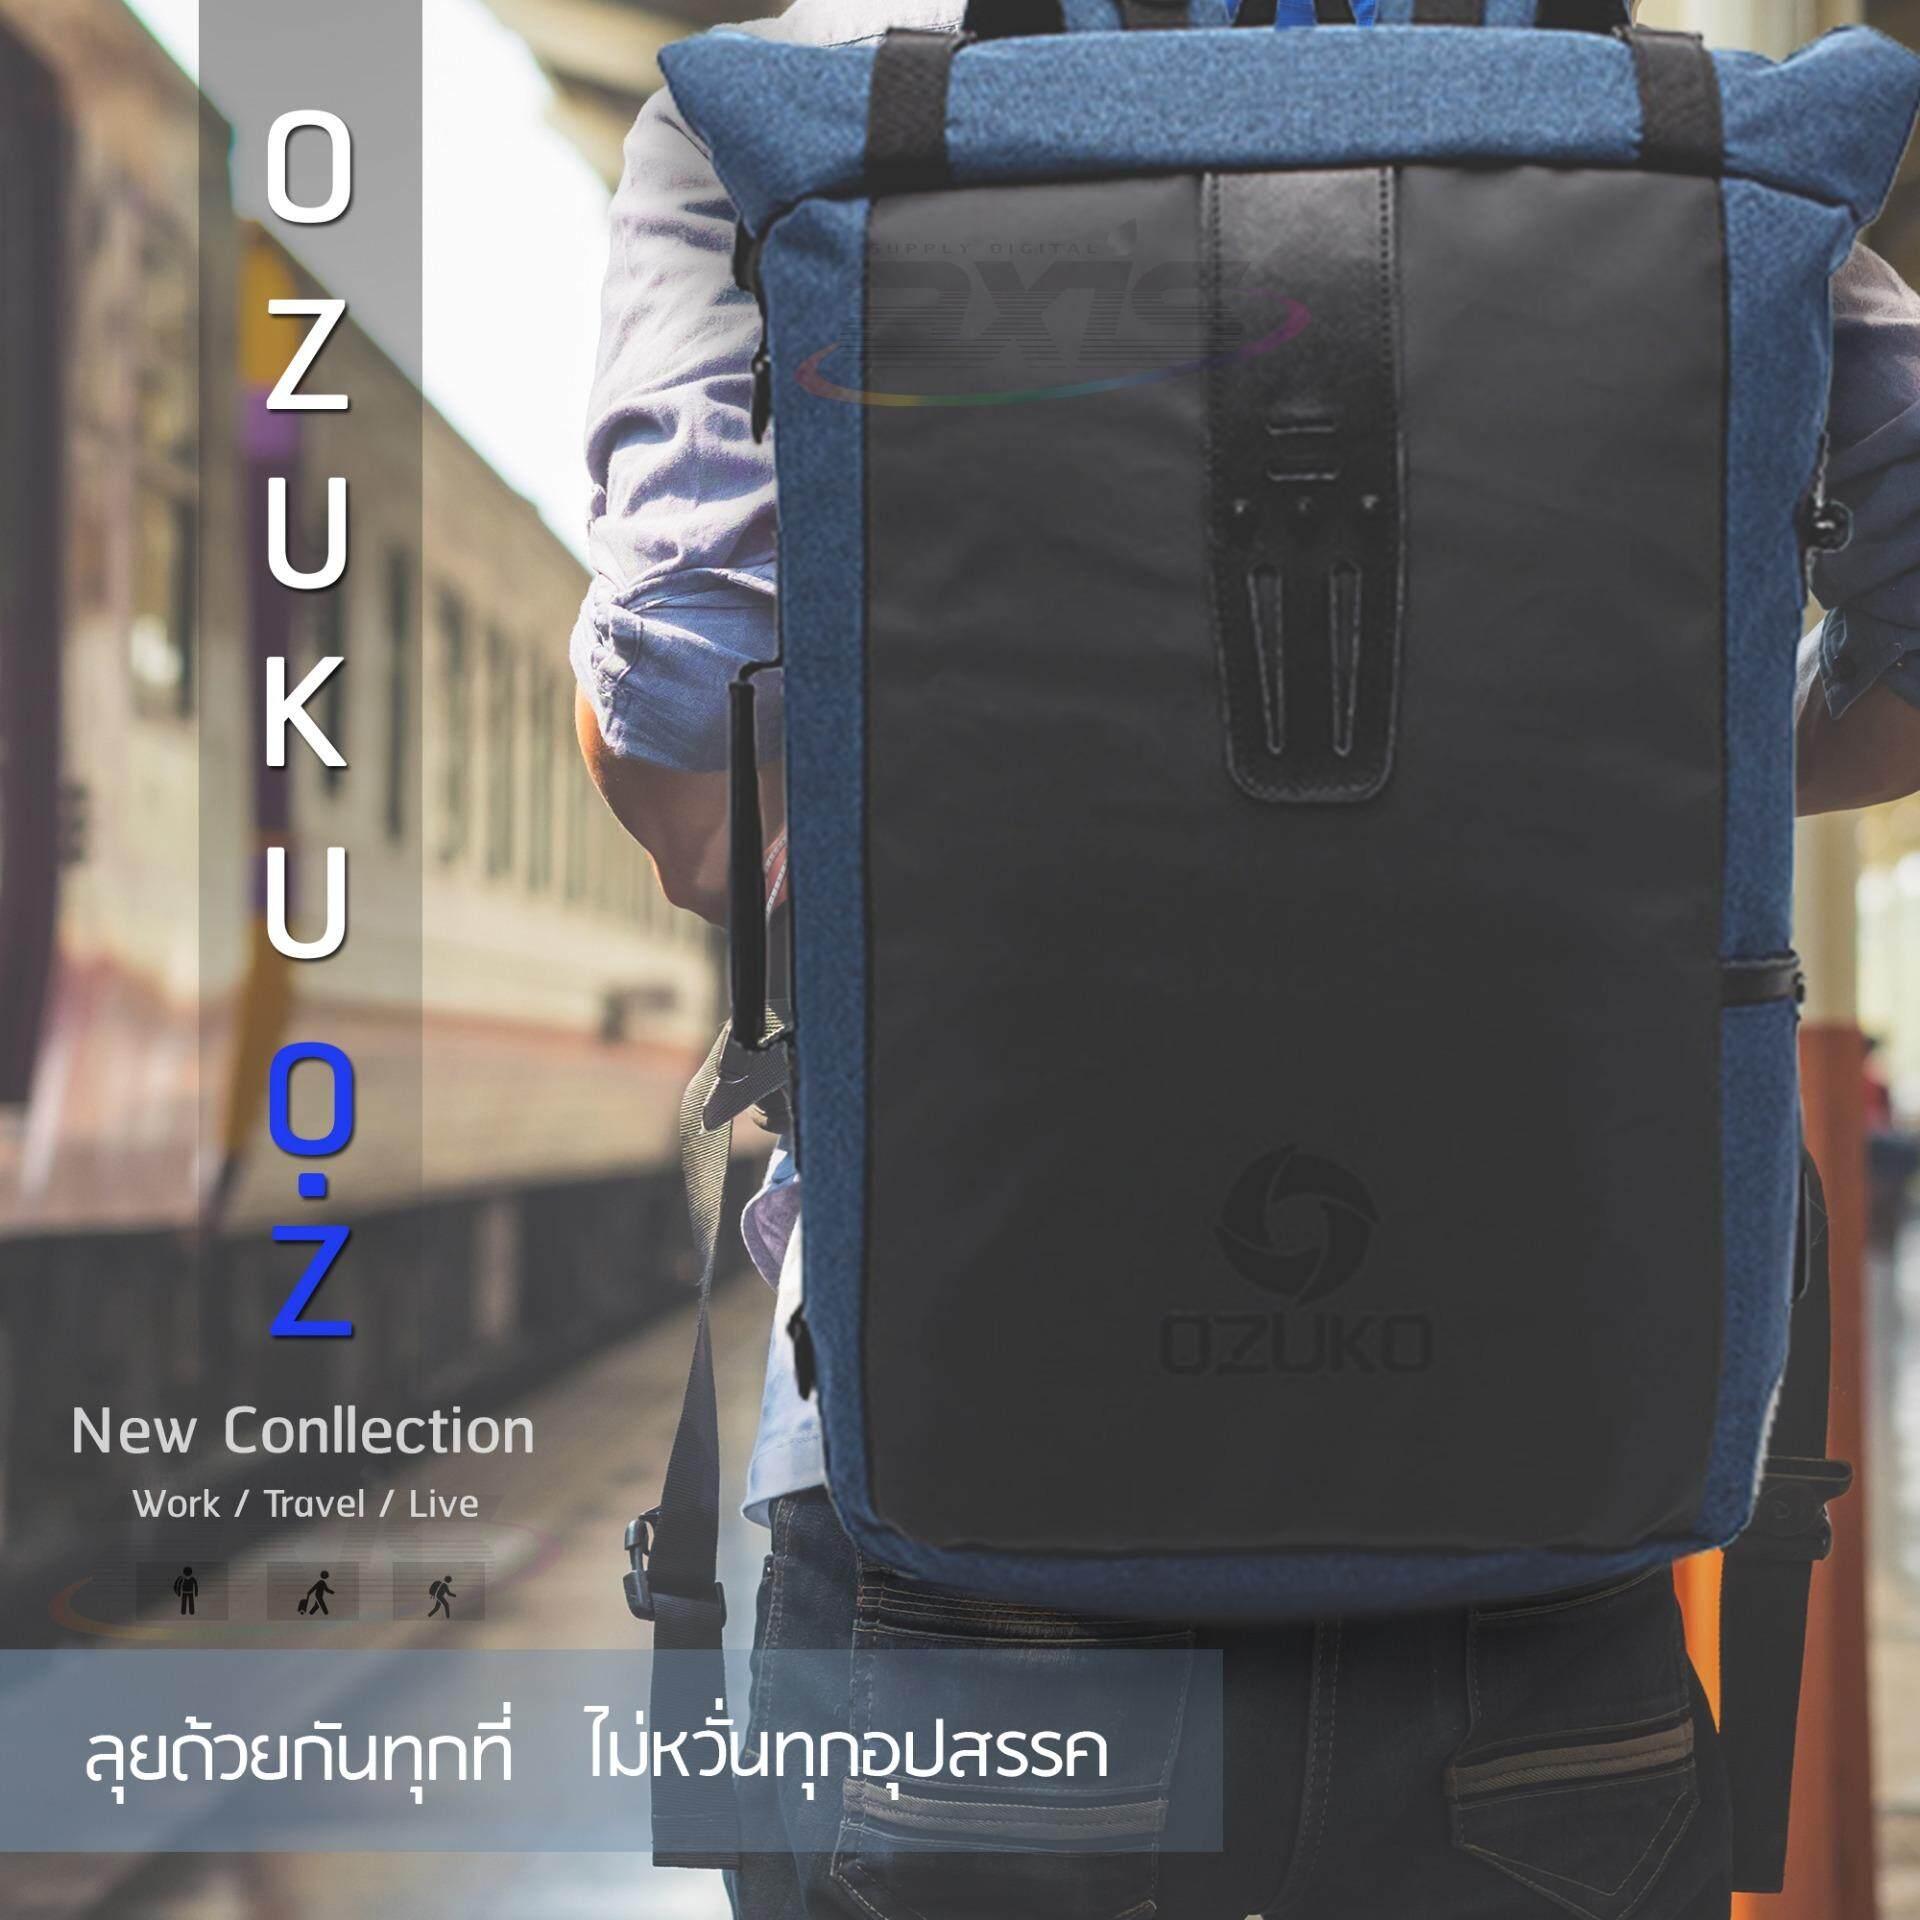 ซื้อ Ozuko Backpack รุ่น Oz Survivor กระเป๋าเป้แฟชั่น กระเป๋าโน๊ตบุ๊ค เป้สะพายหลัง ใส่ของได้เยอะ สีน้ำเงิน Ozuko เป็นต้นฉบับ